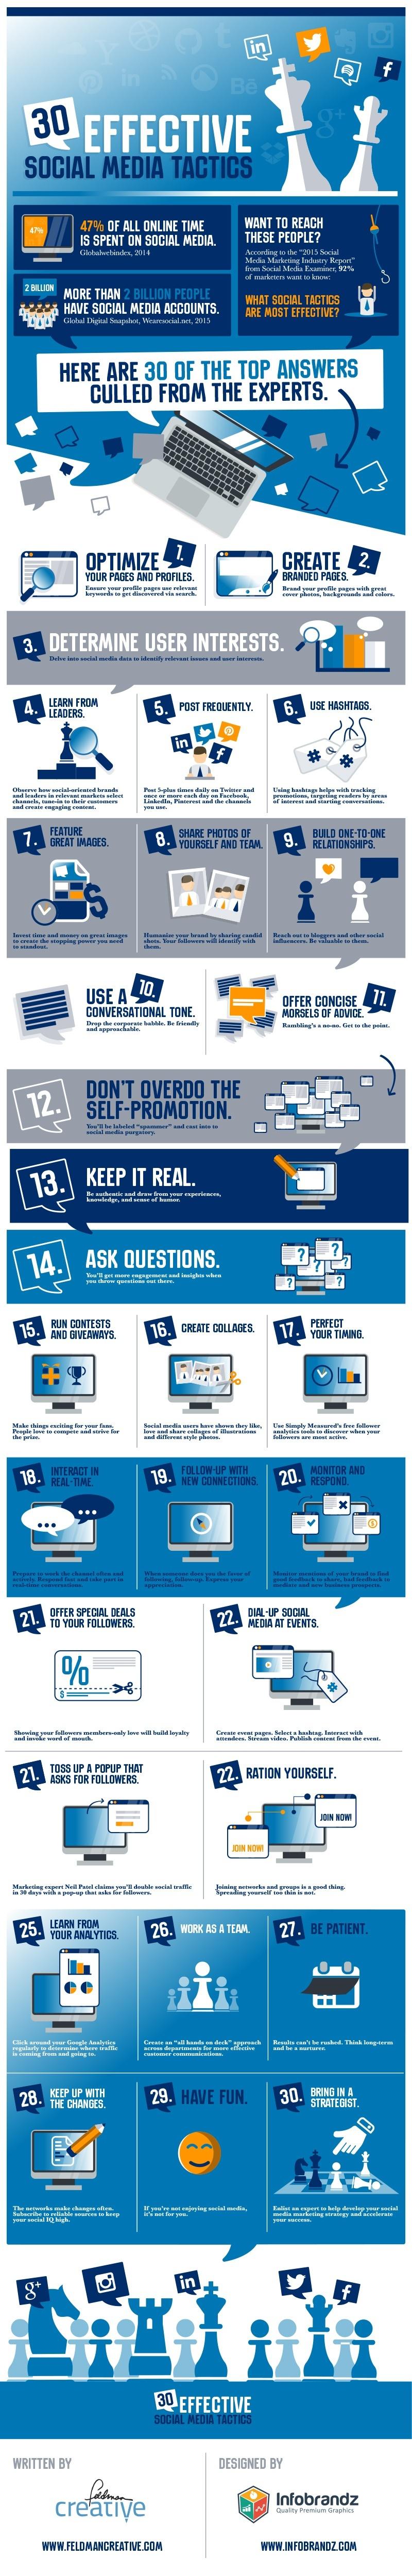 Social_Infographic.jpg